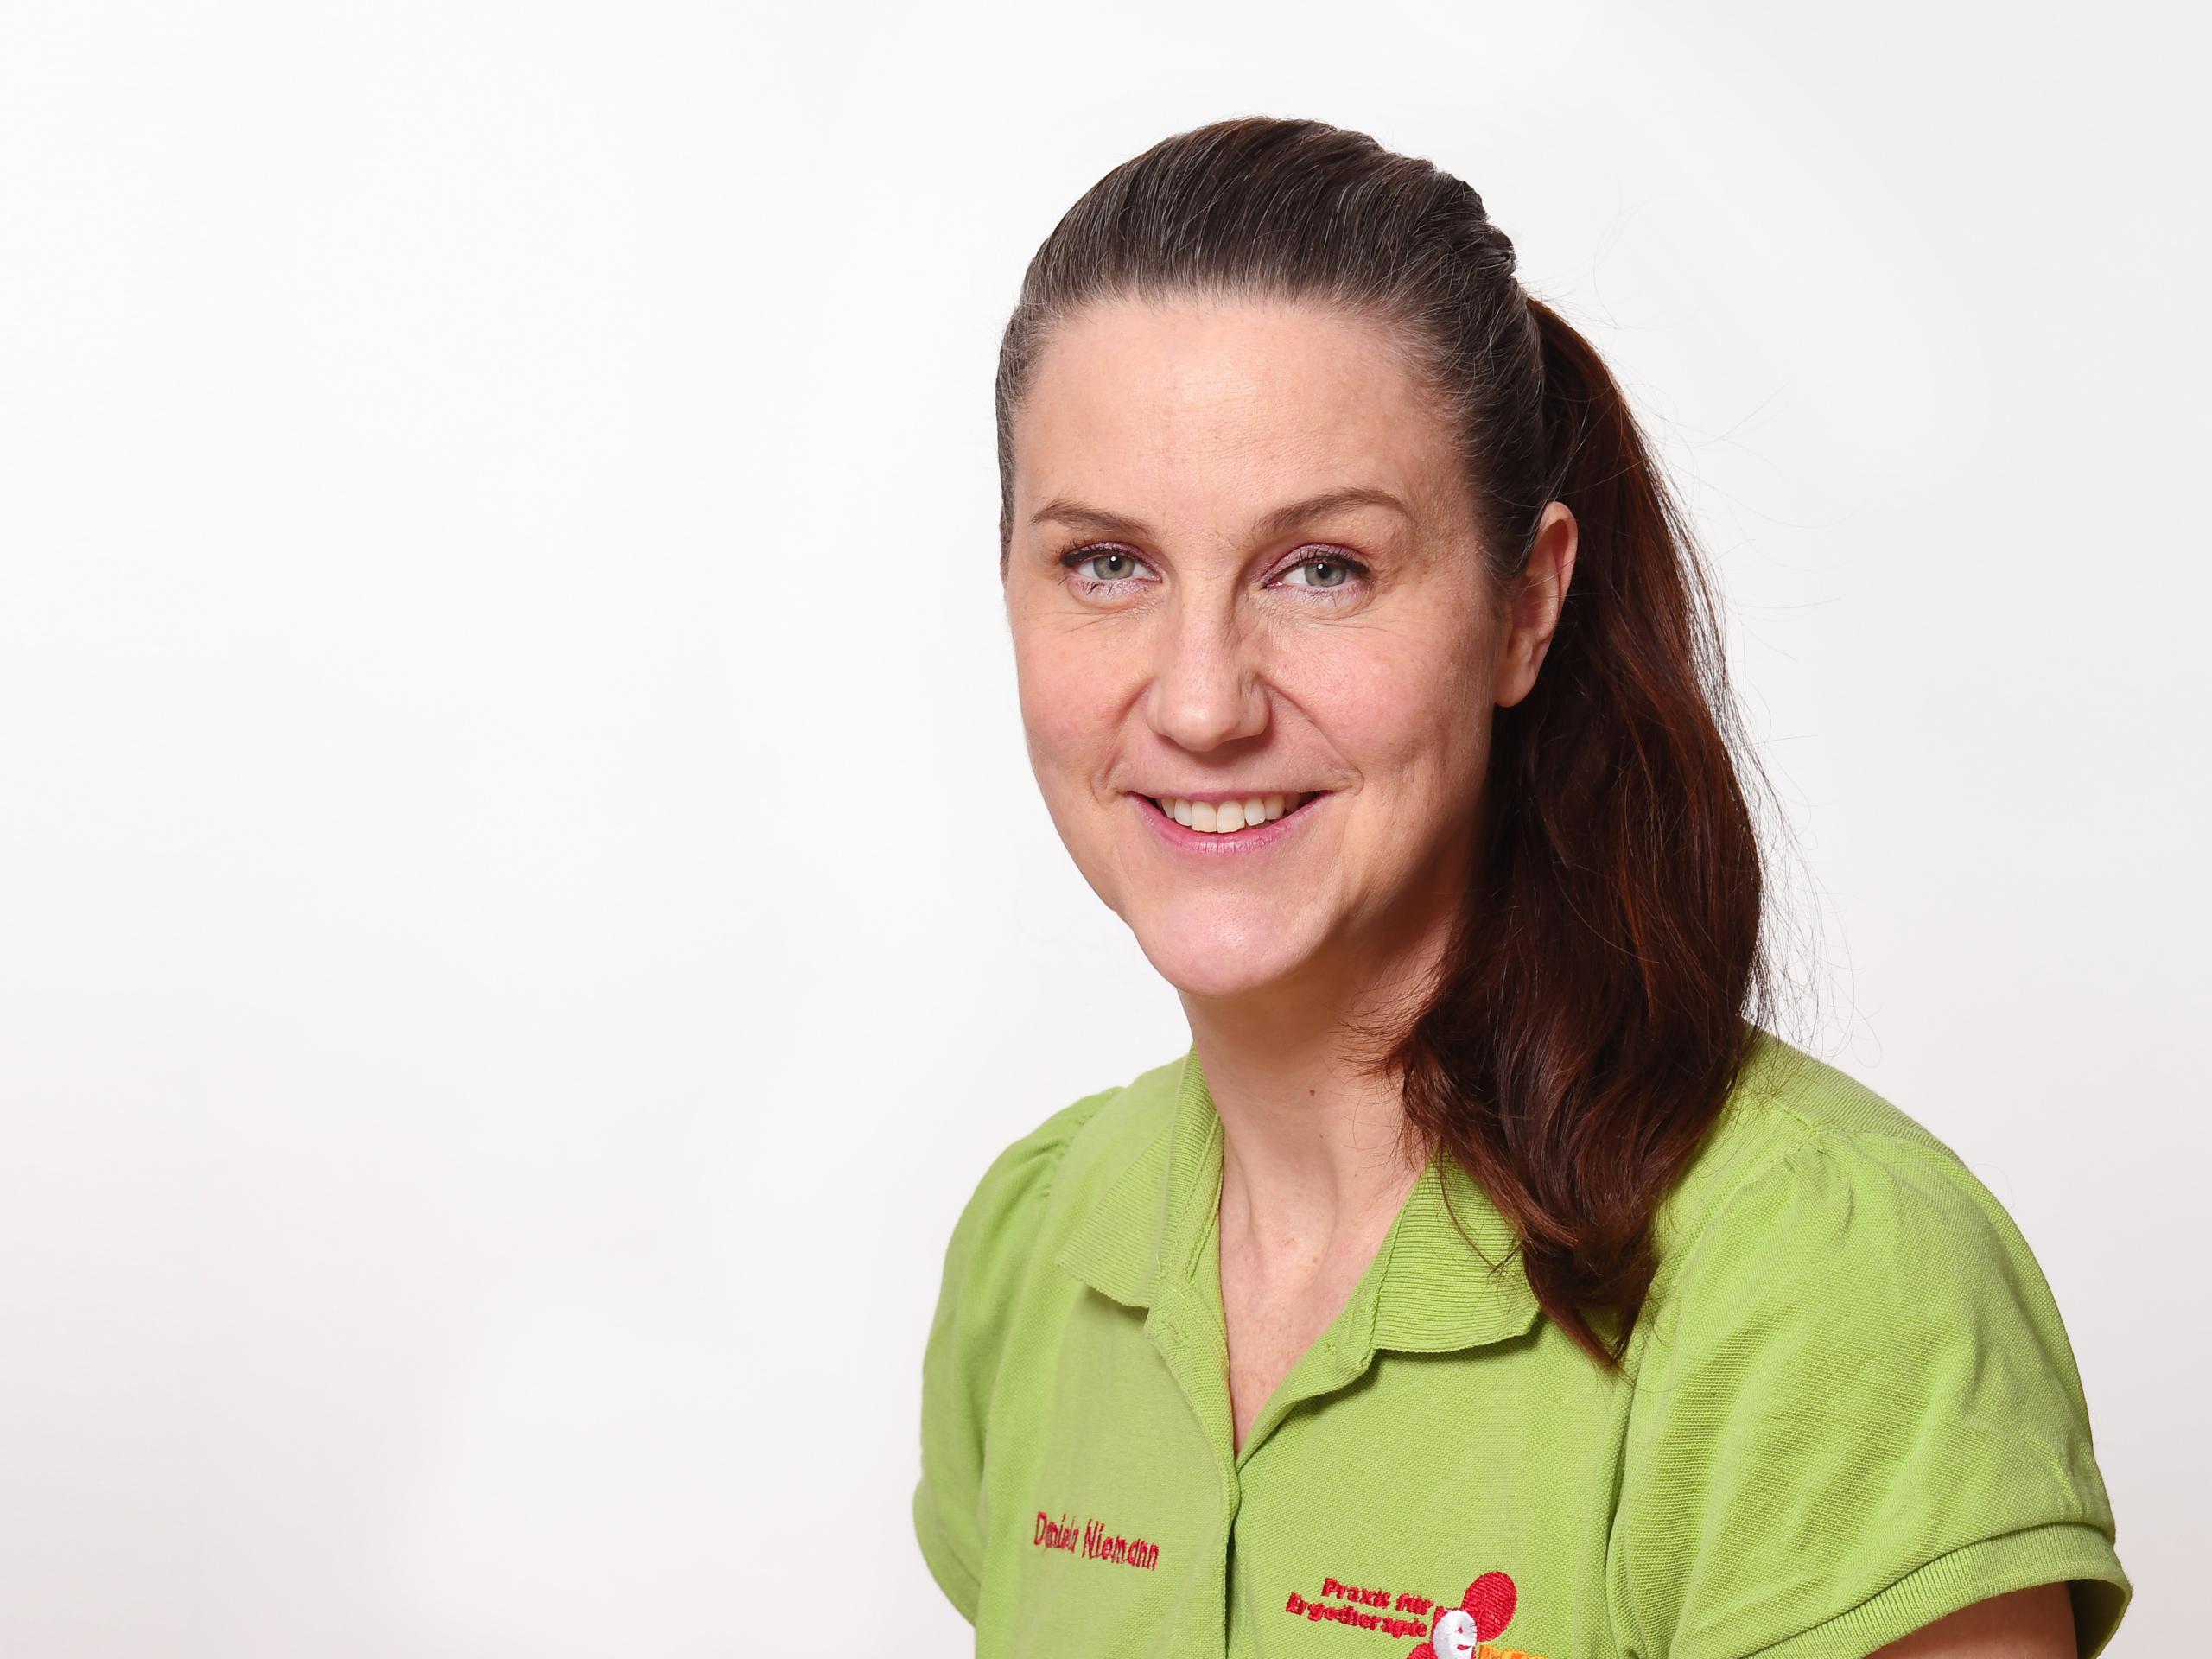 Daniela Niemann